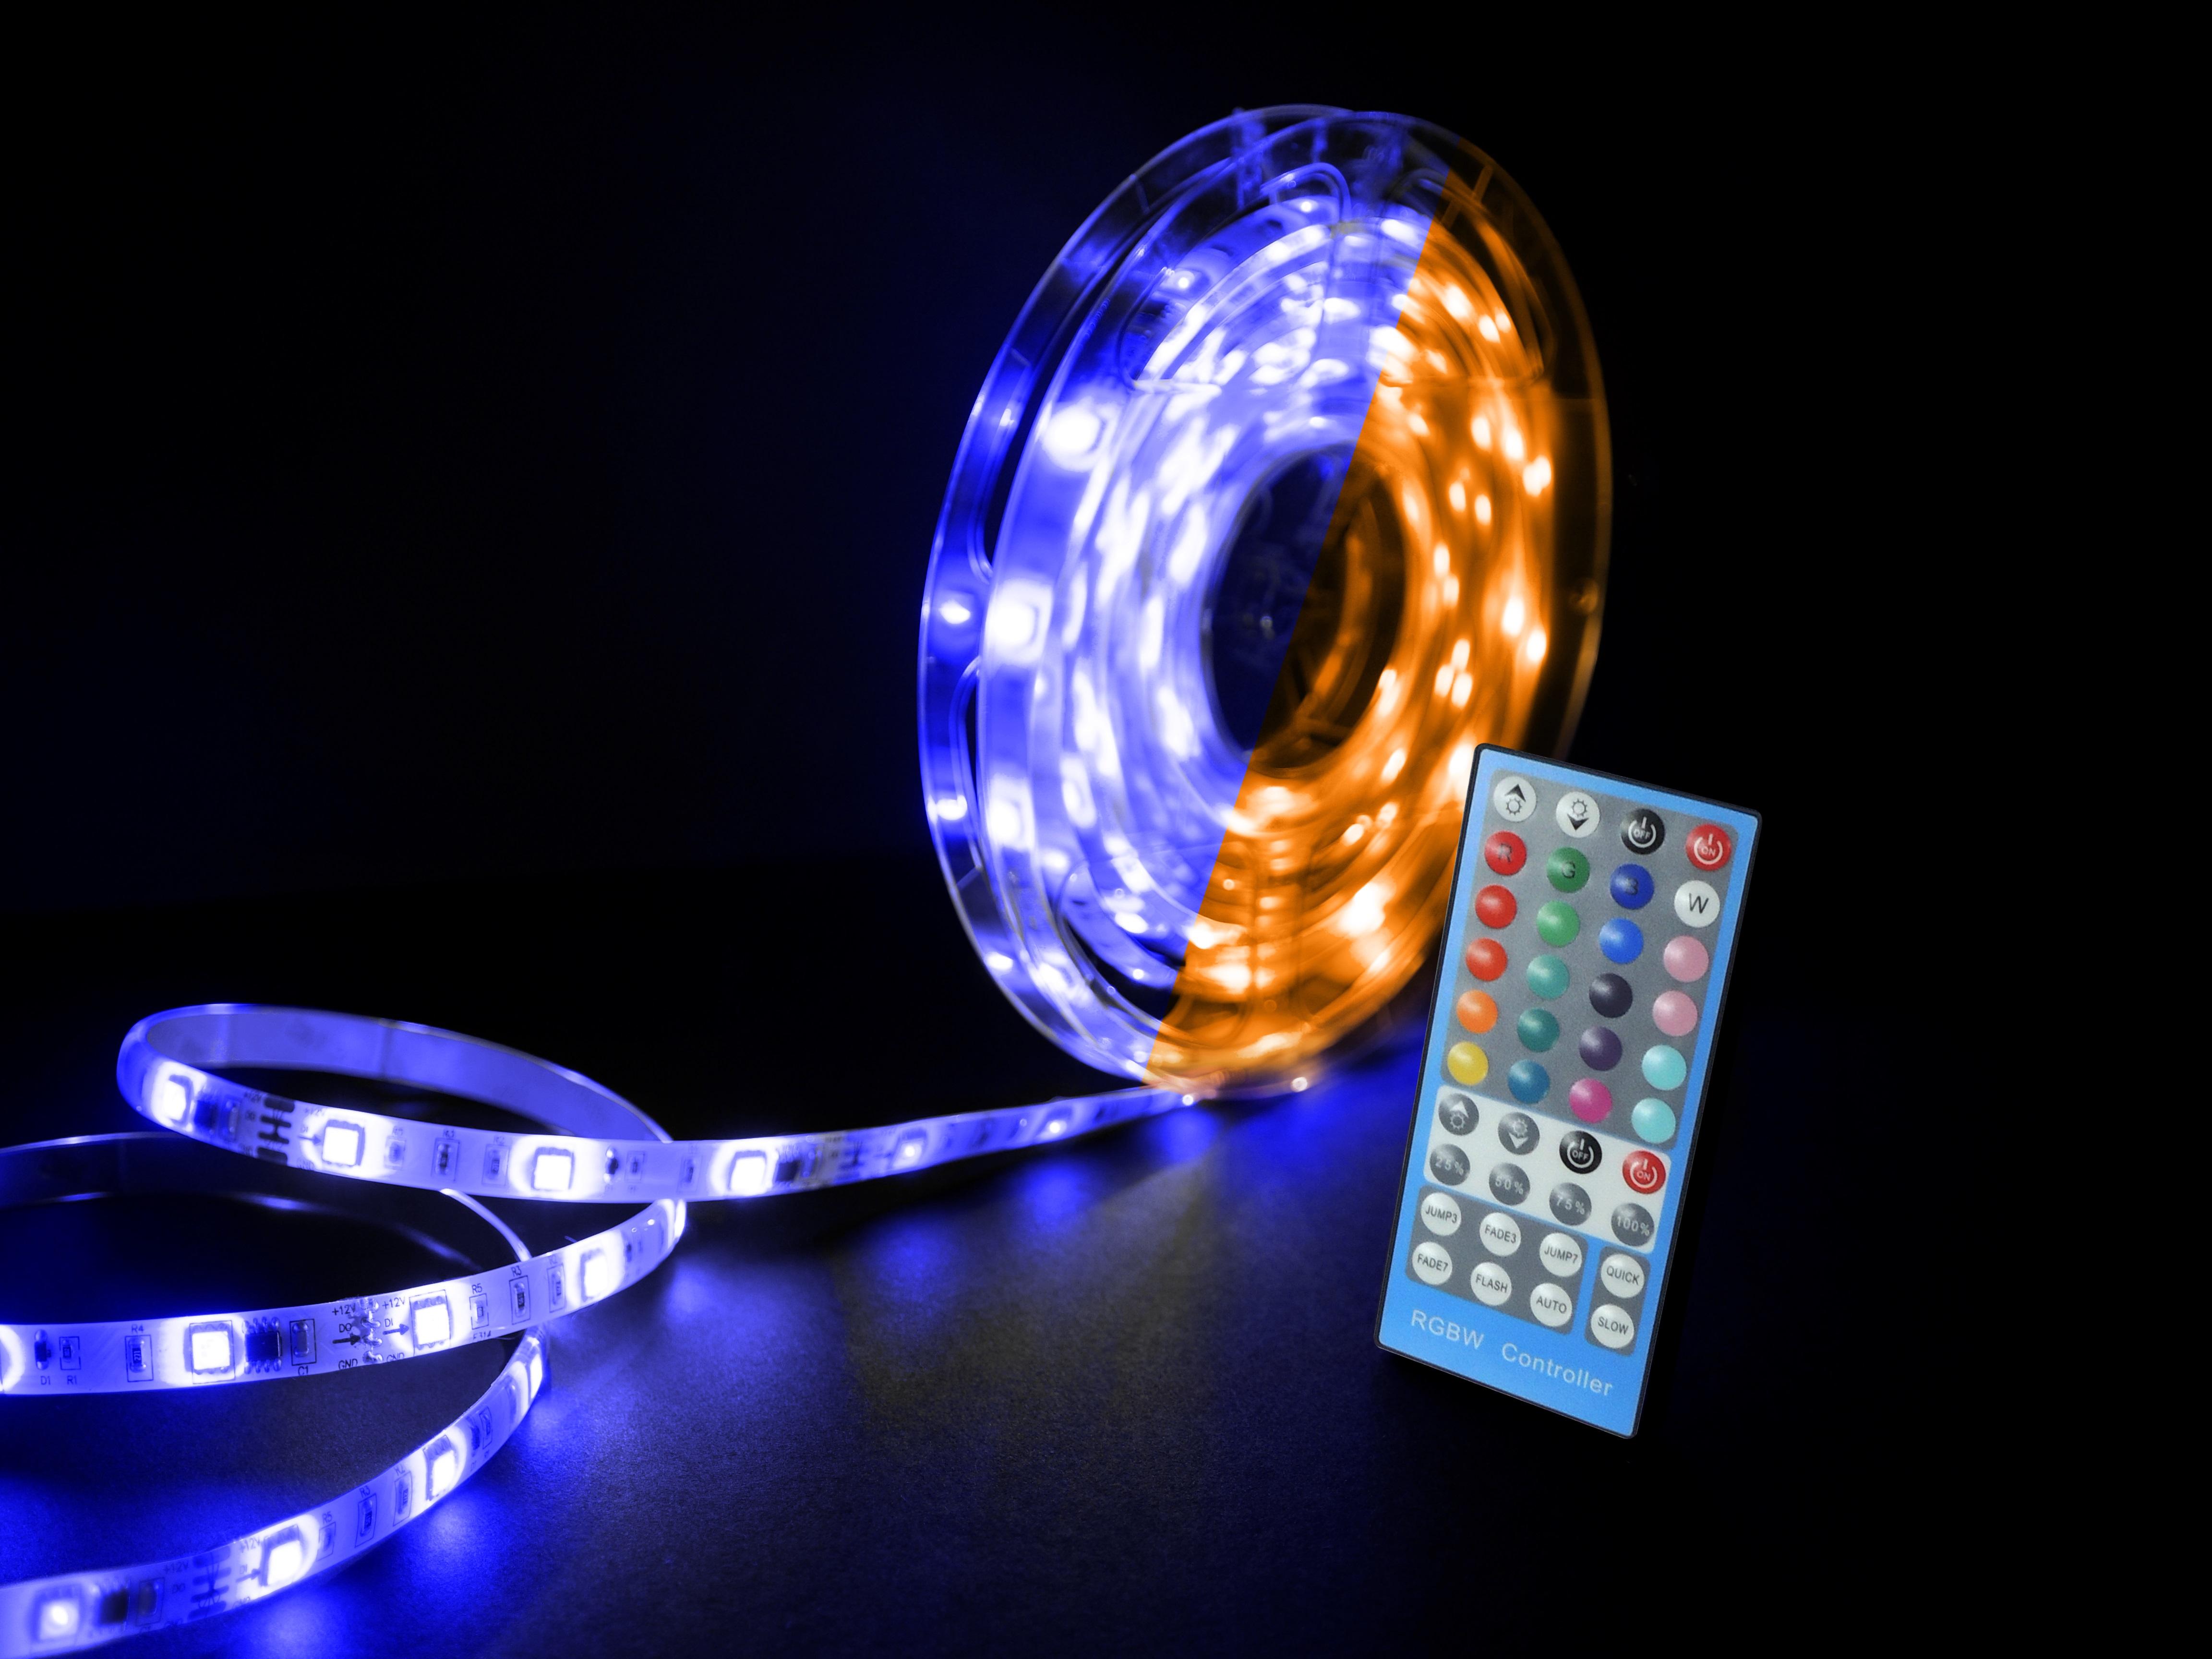 Sistemas de iluminaci n led rgb para pc qu opciones hay - Articulos iluminacion ...